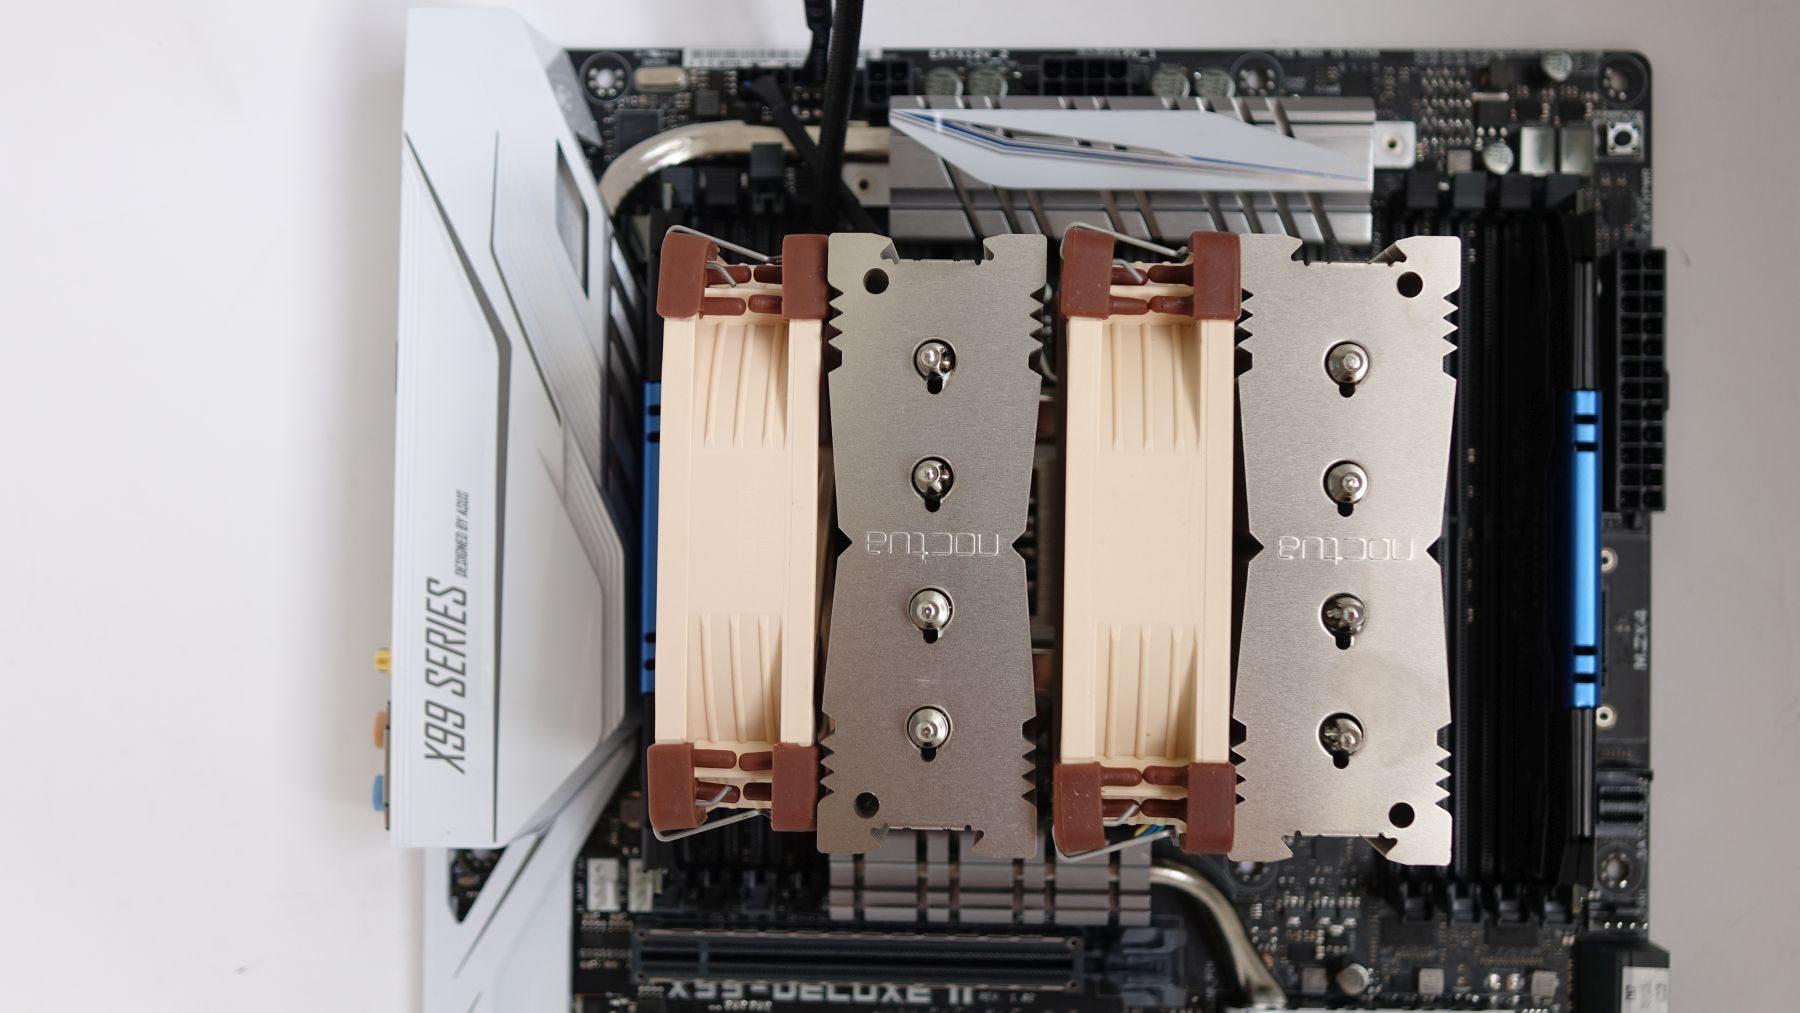 Noctua NH-D9DX i4 3U two fans